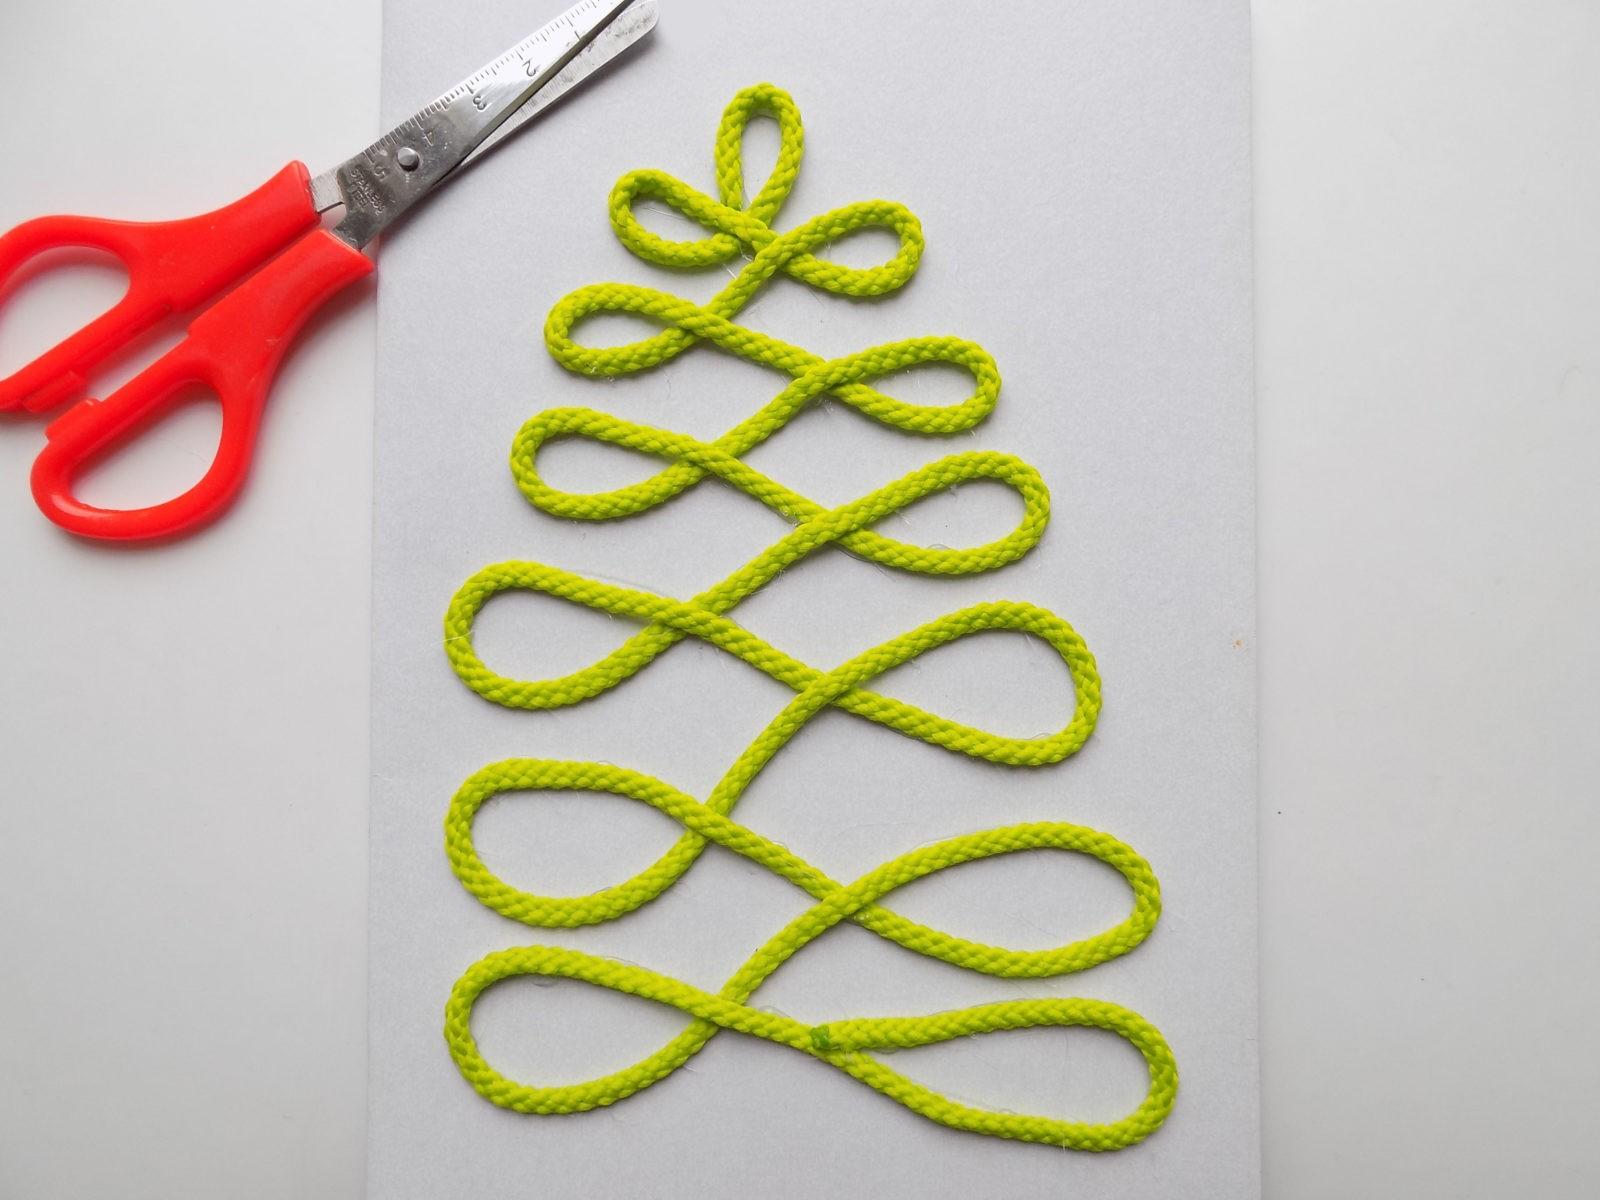 Новогодняя открытка с елочкой из шнура - 7